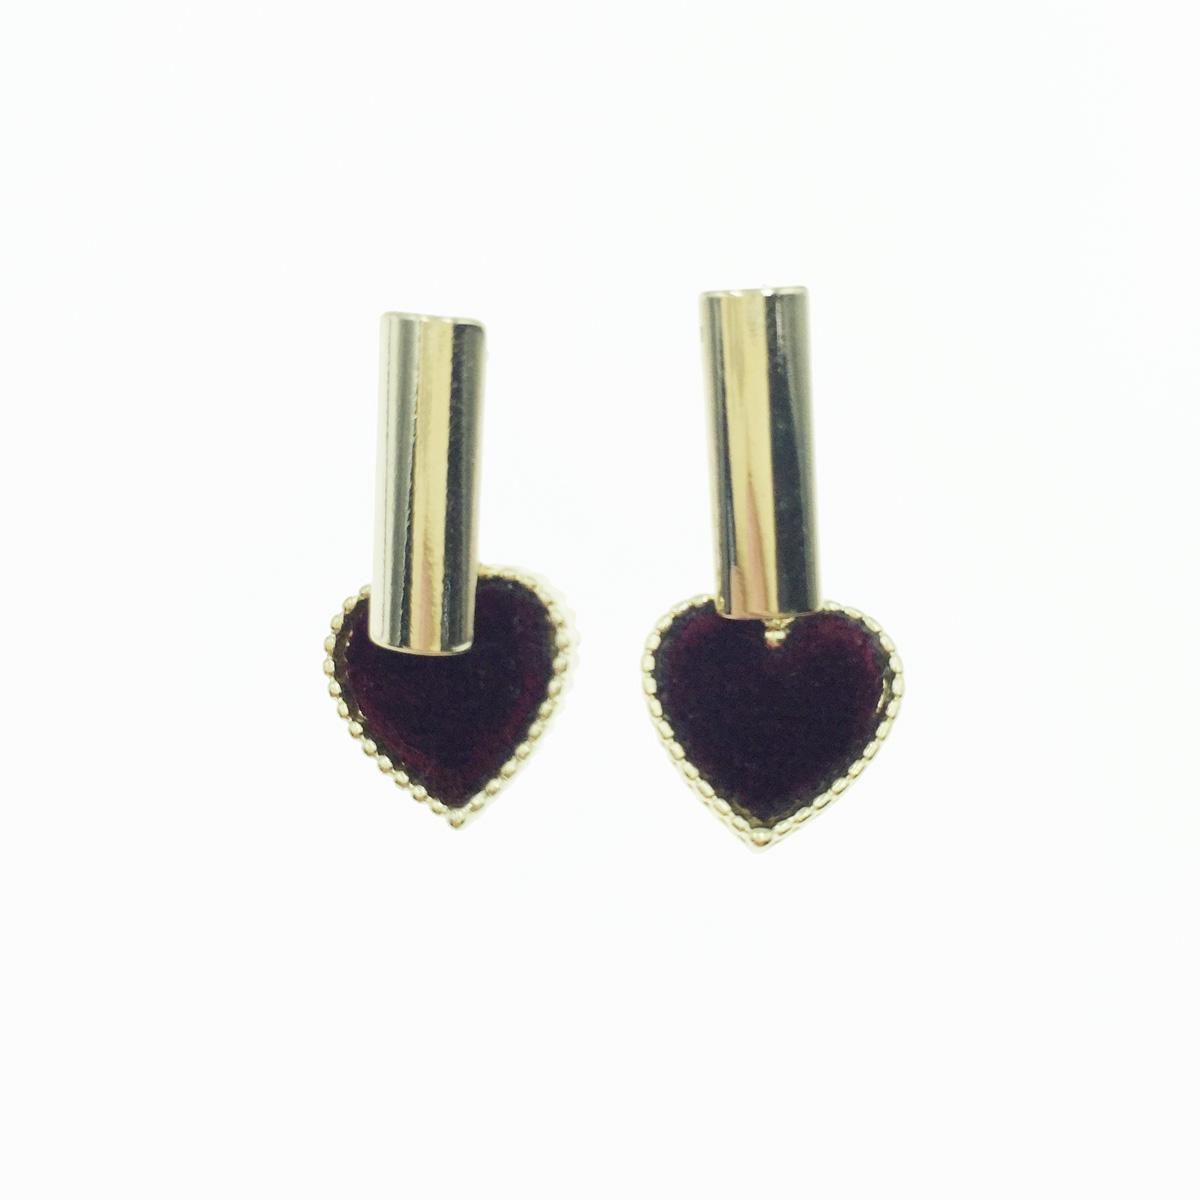 韓國 愛心 絨布 金邊 垂墜感 耳針式耳環